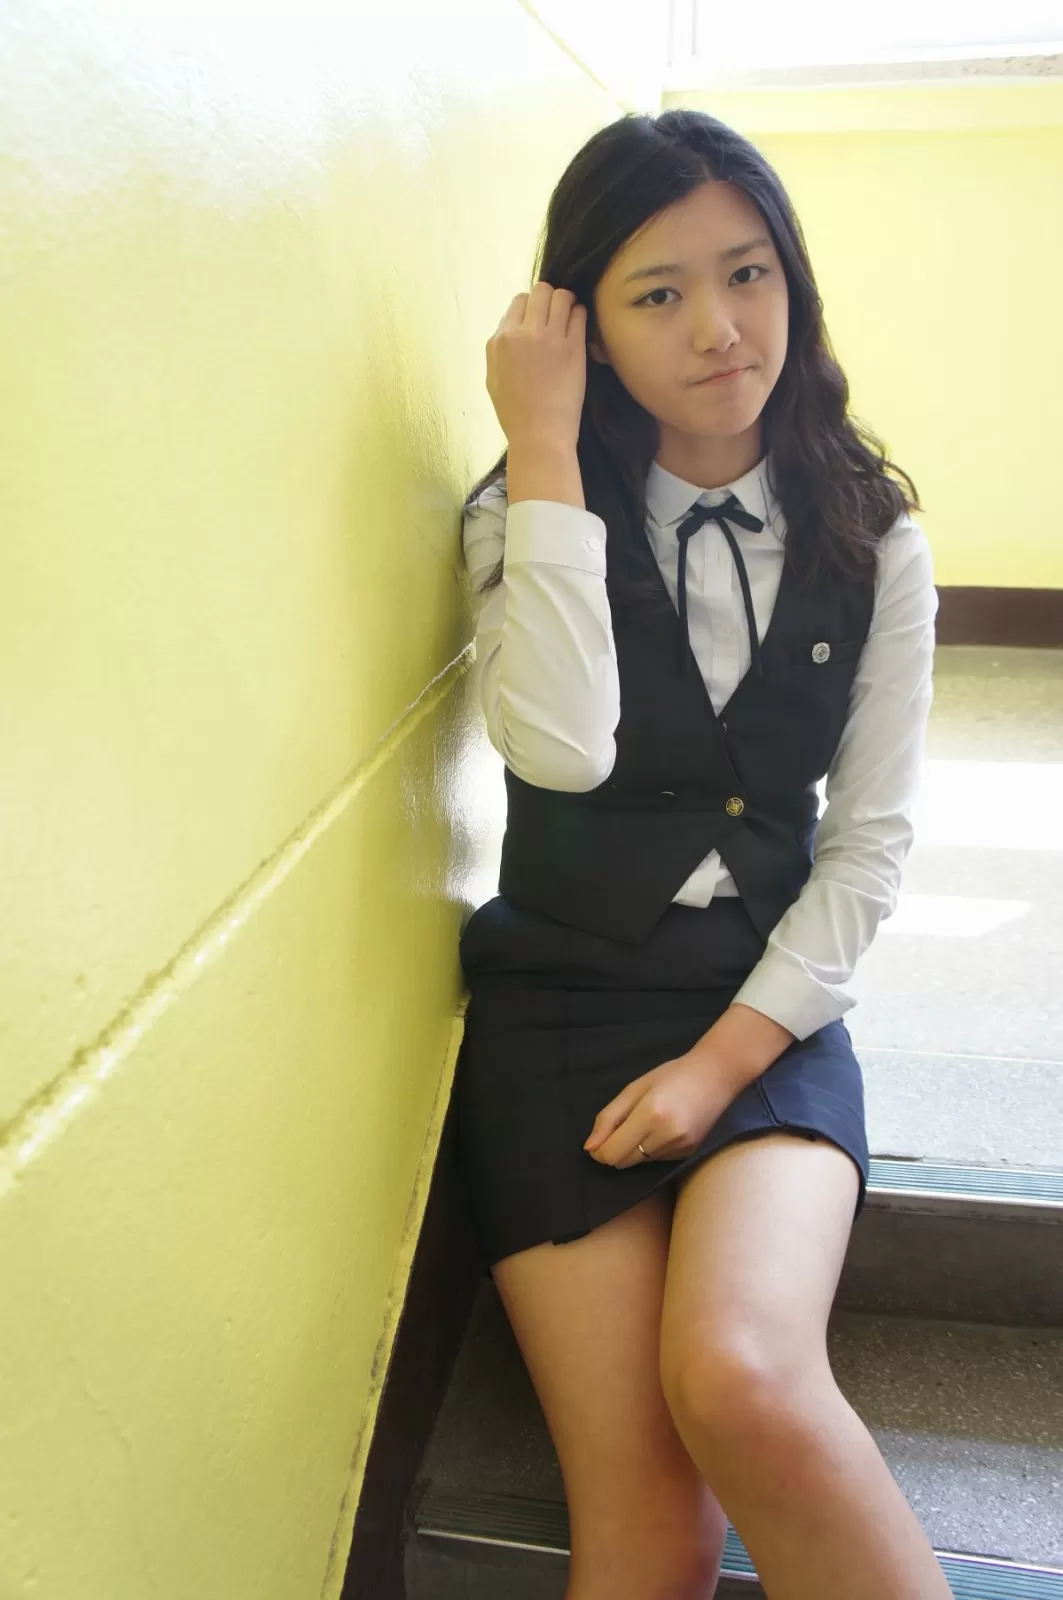 img 5fa647a1b45a7 - 【画像】君は韓国JKのエロさを知ってるかい?